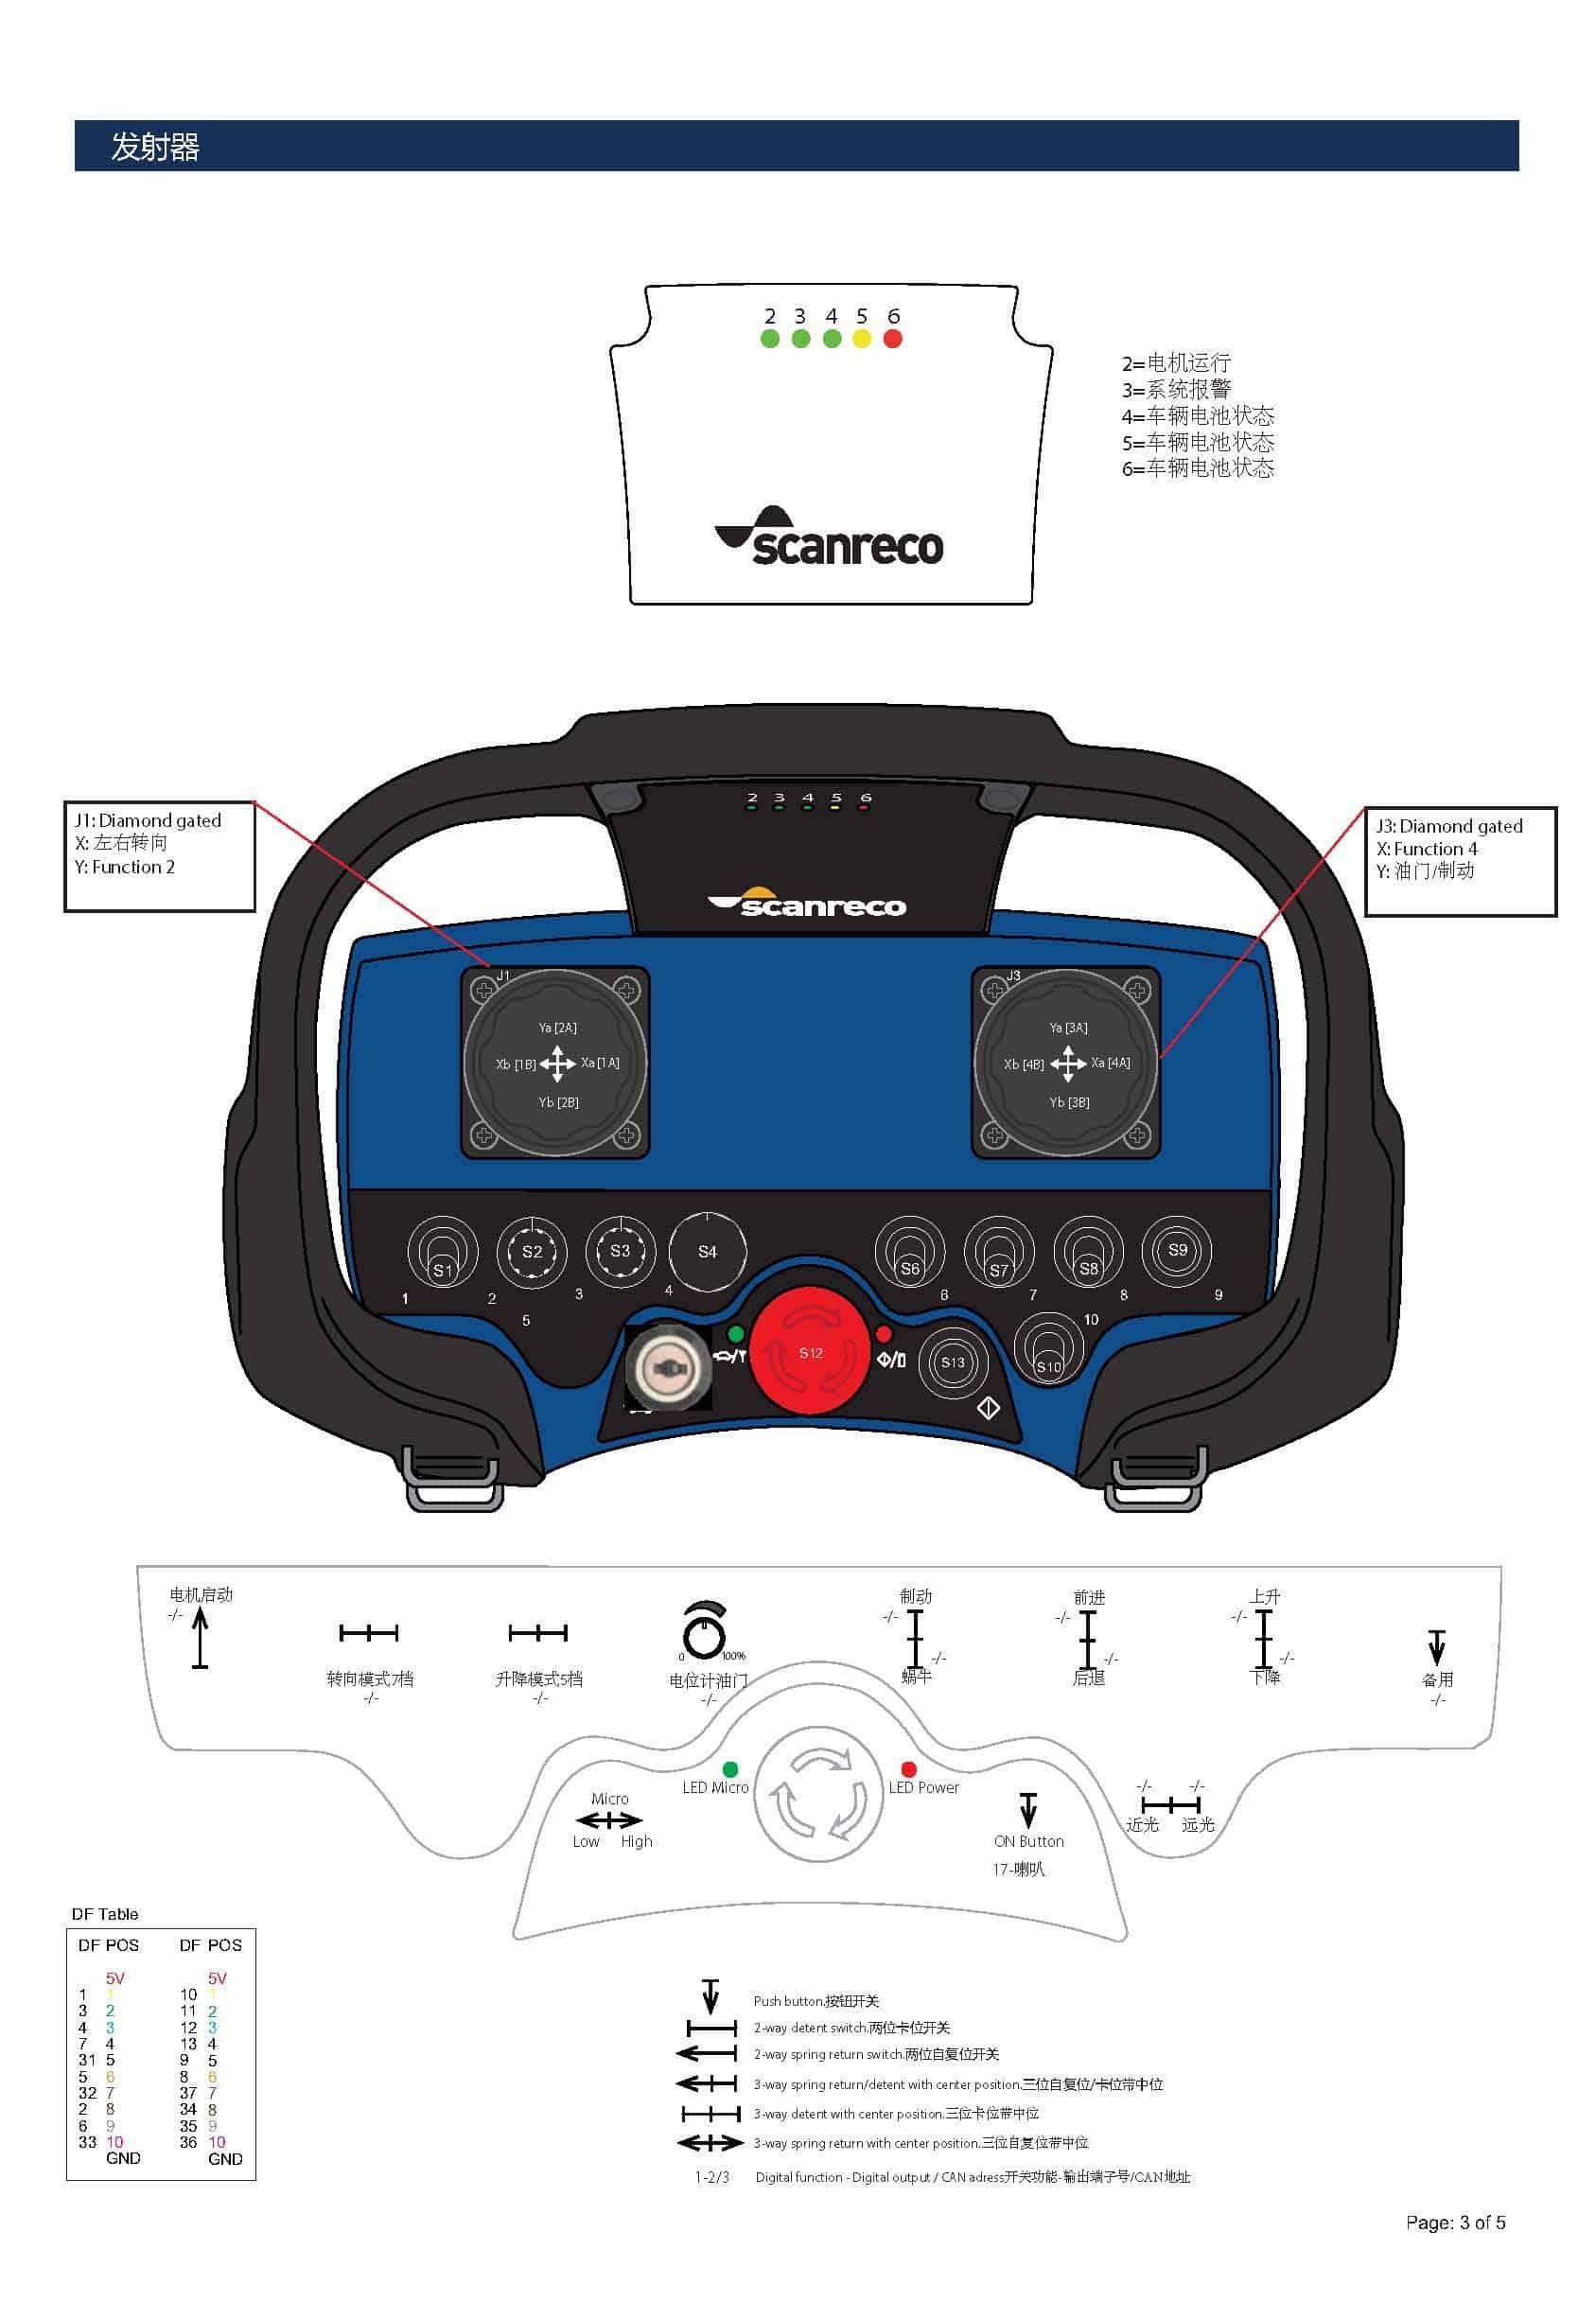 Scanreco remote control